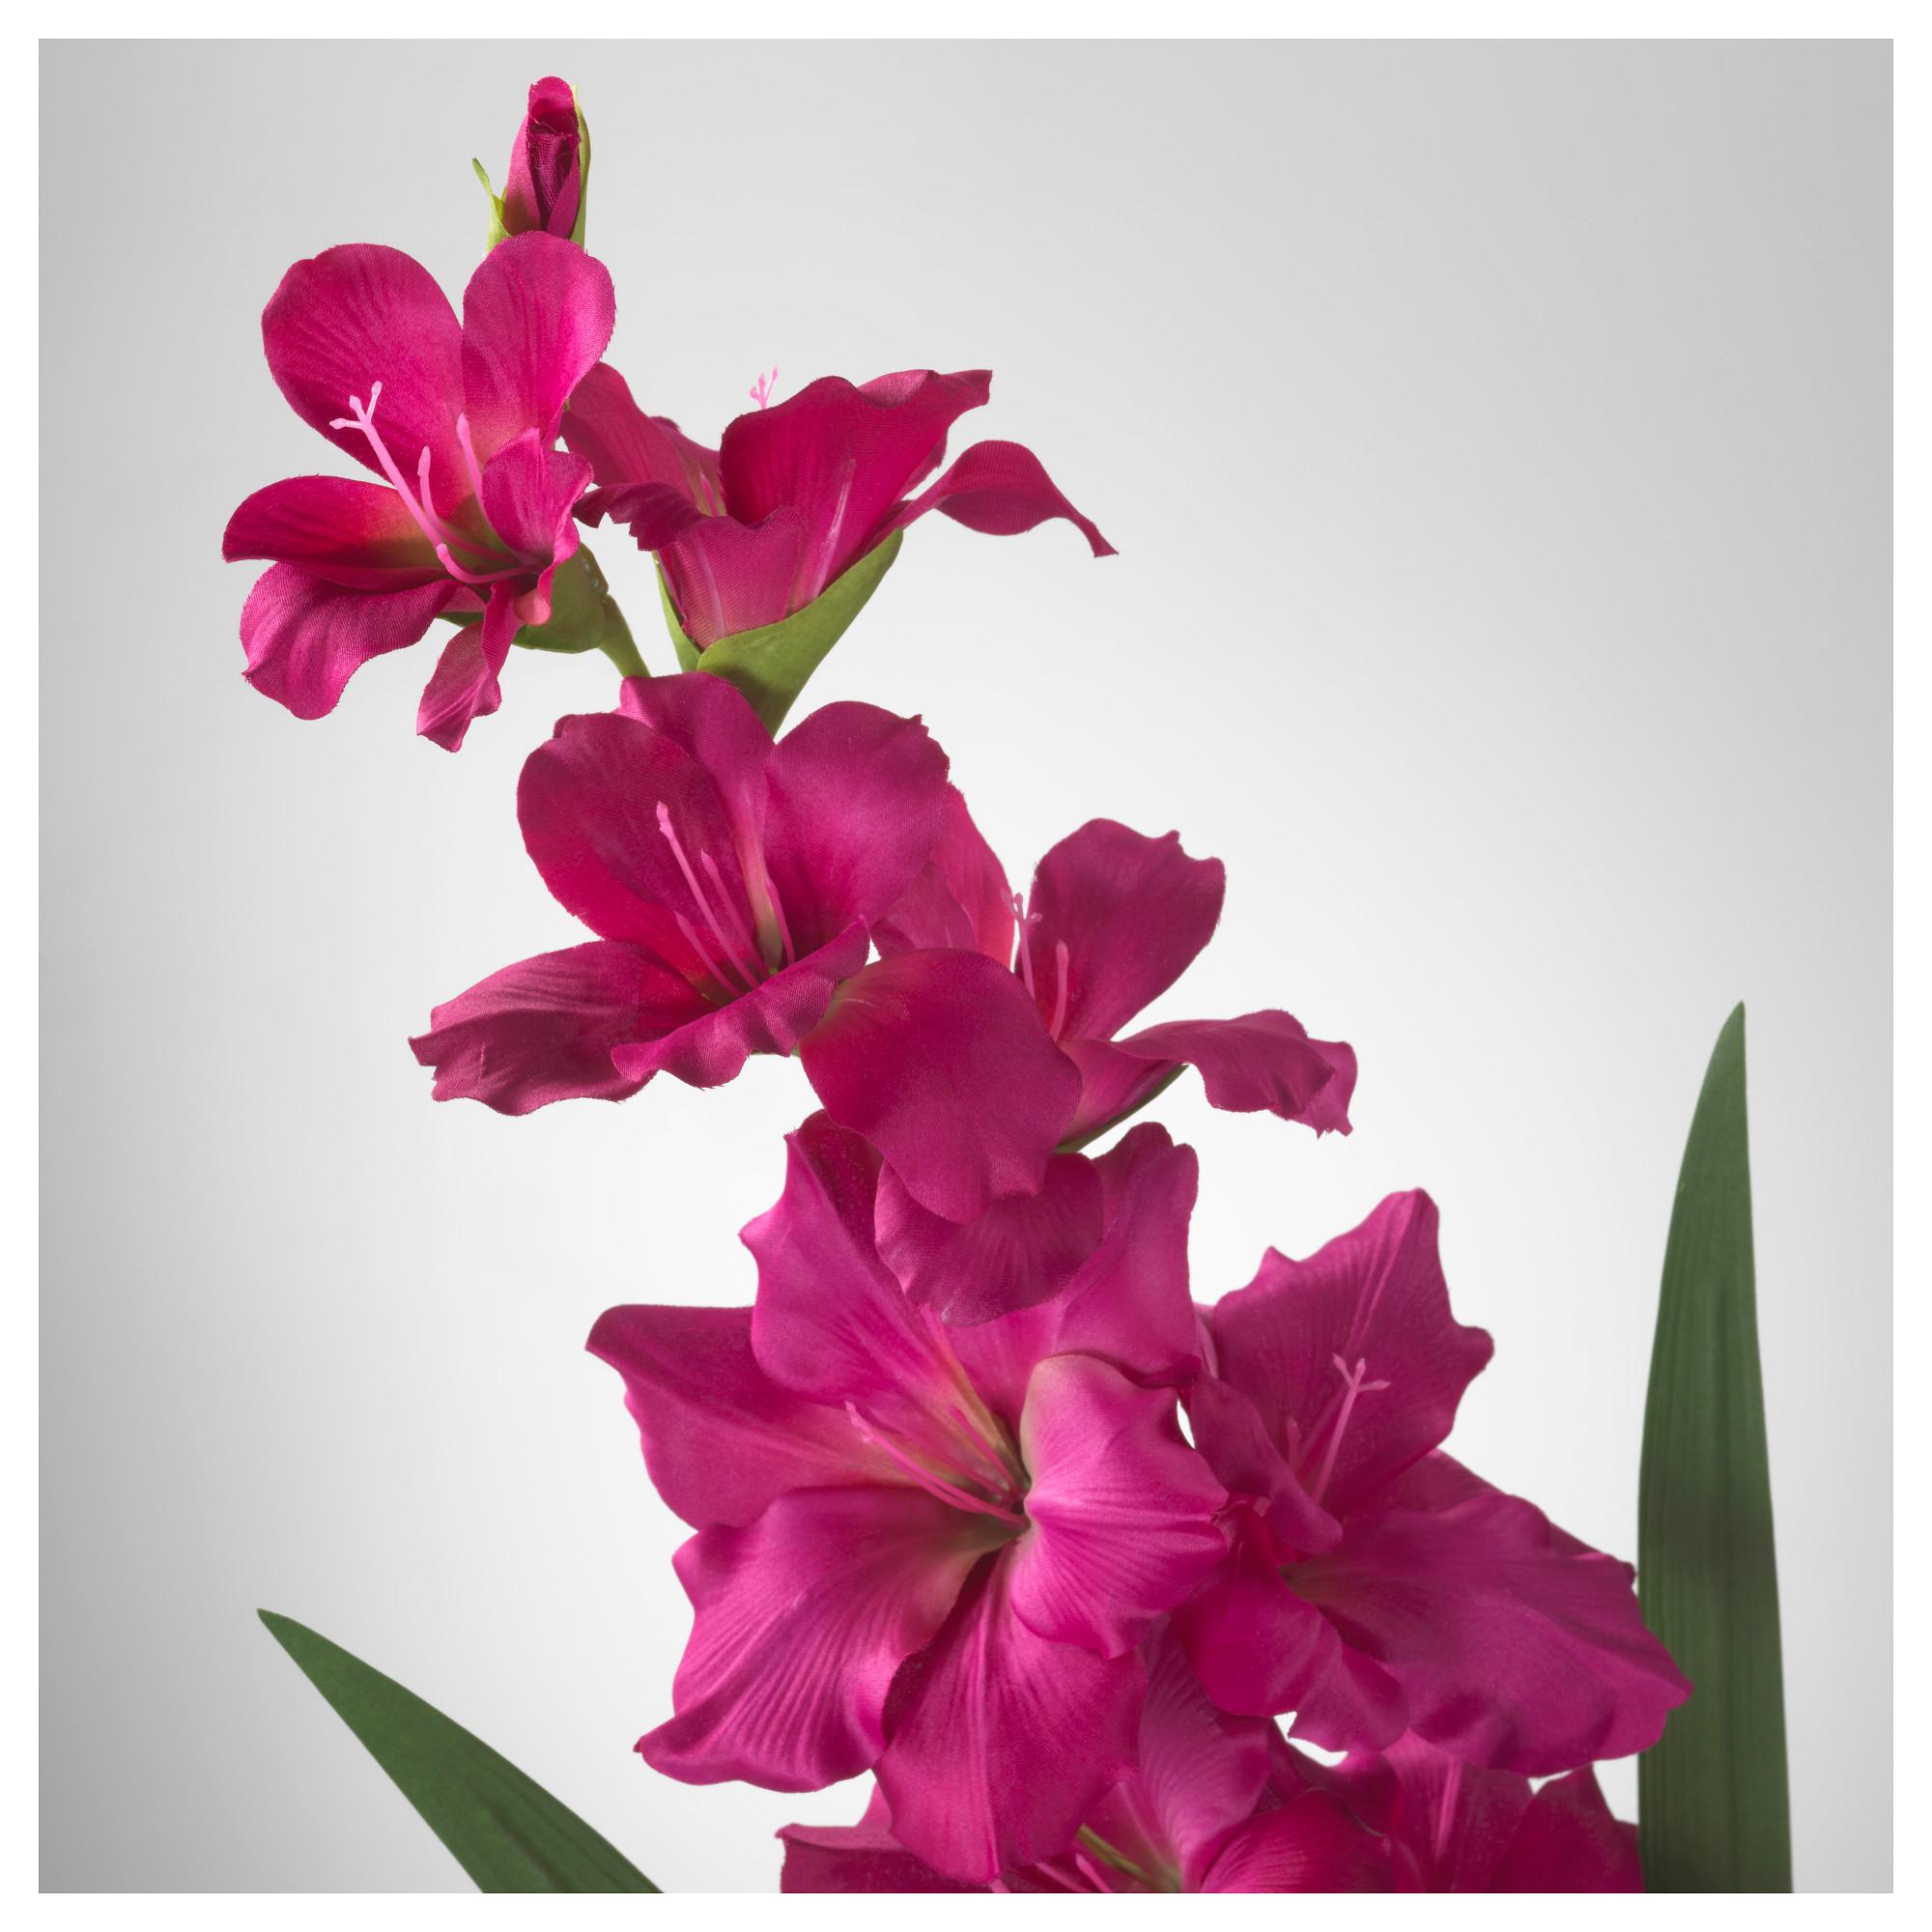 Купить искусственные цветы интернет магазин беларусь новосибирск розы в контейнере купить